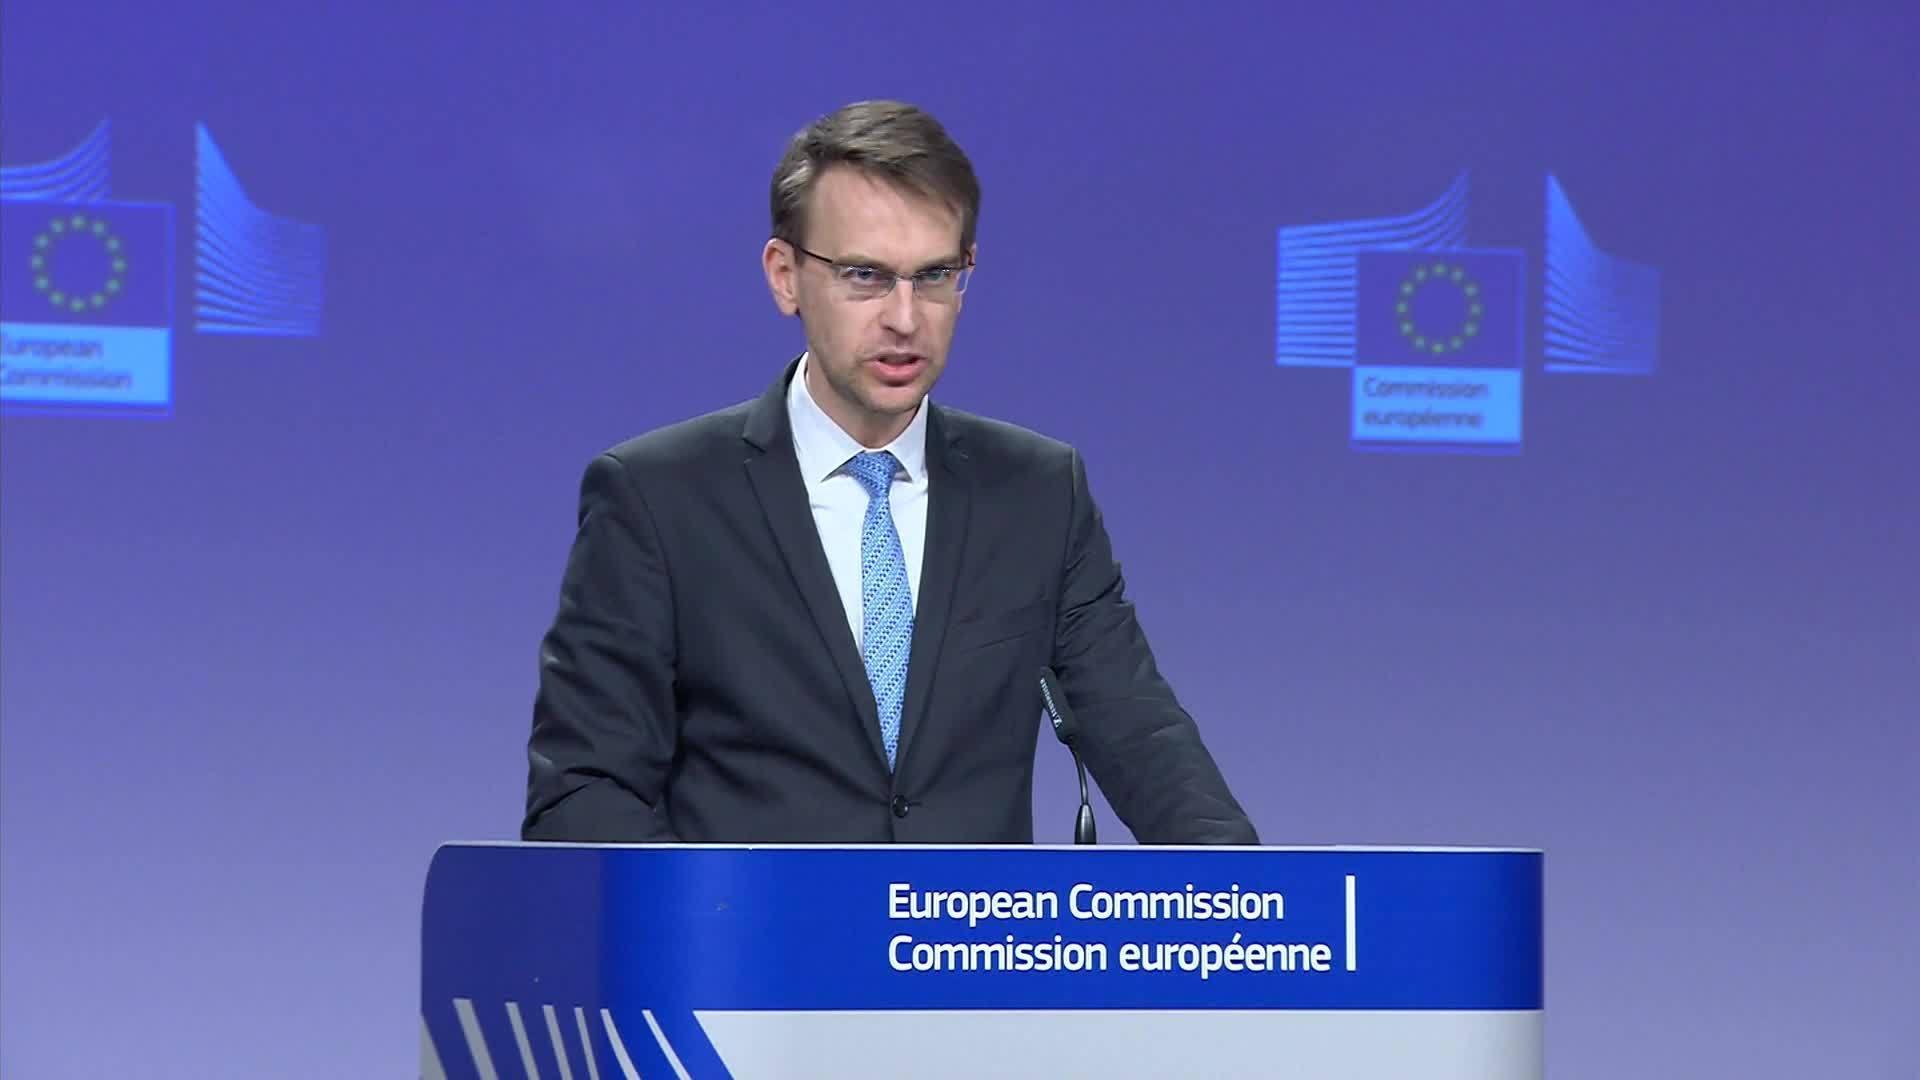 المتحدث باسم الاتحاد الأوروبي بيتر ستانو